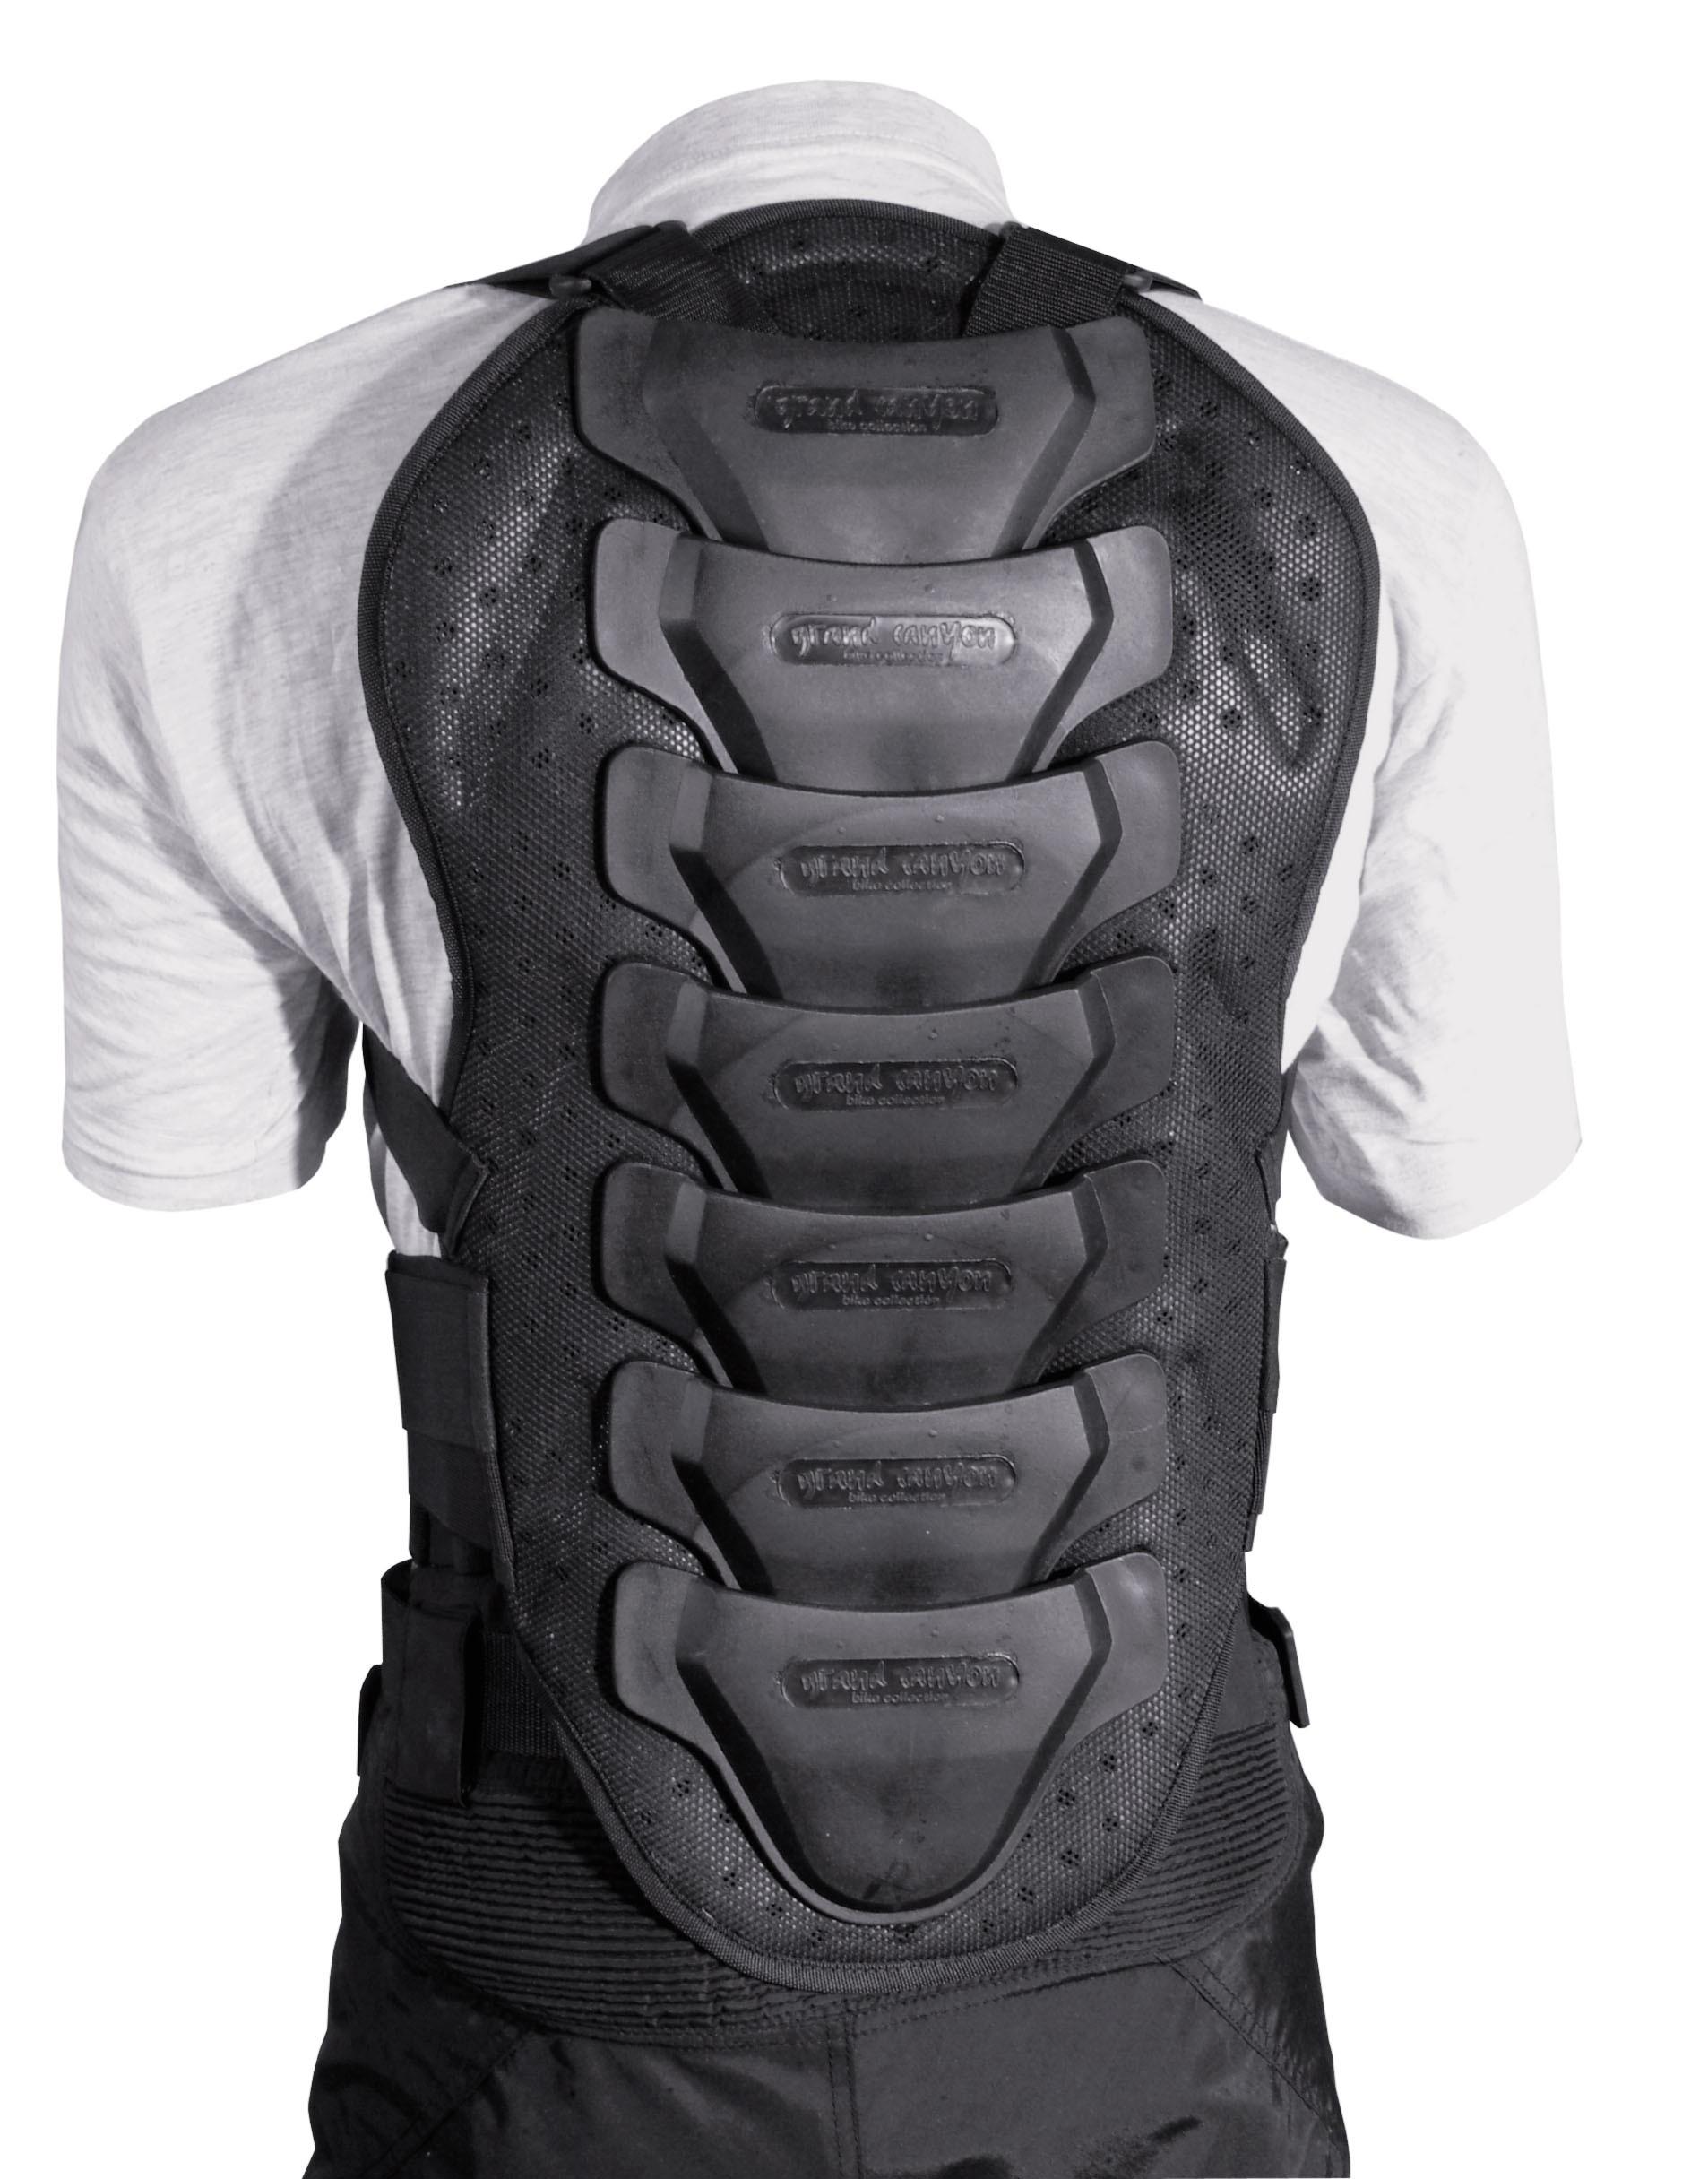 backprotector-7pcs